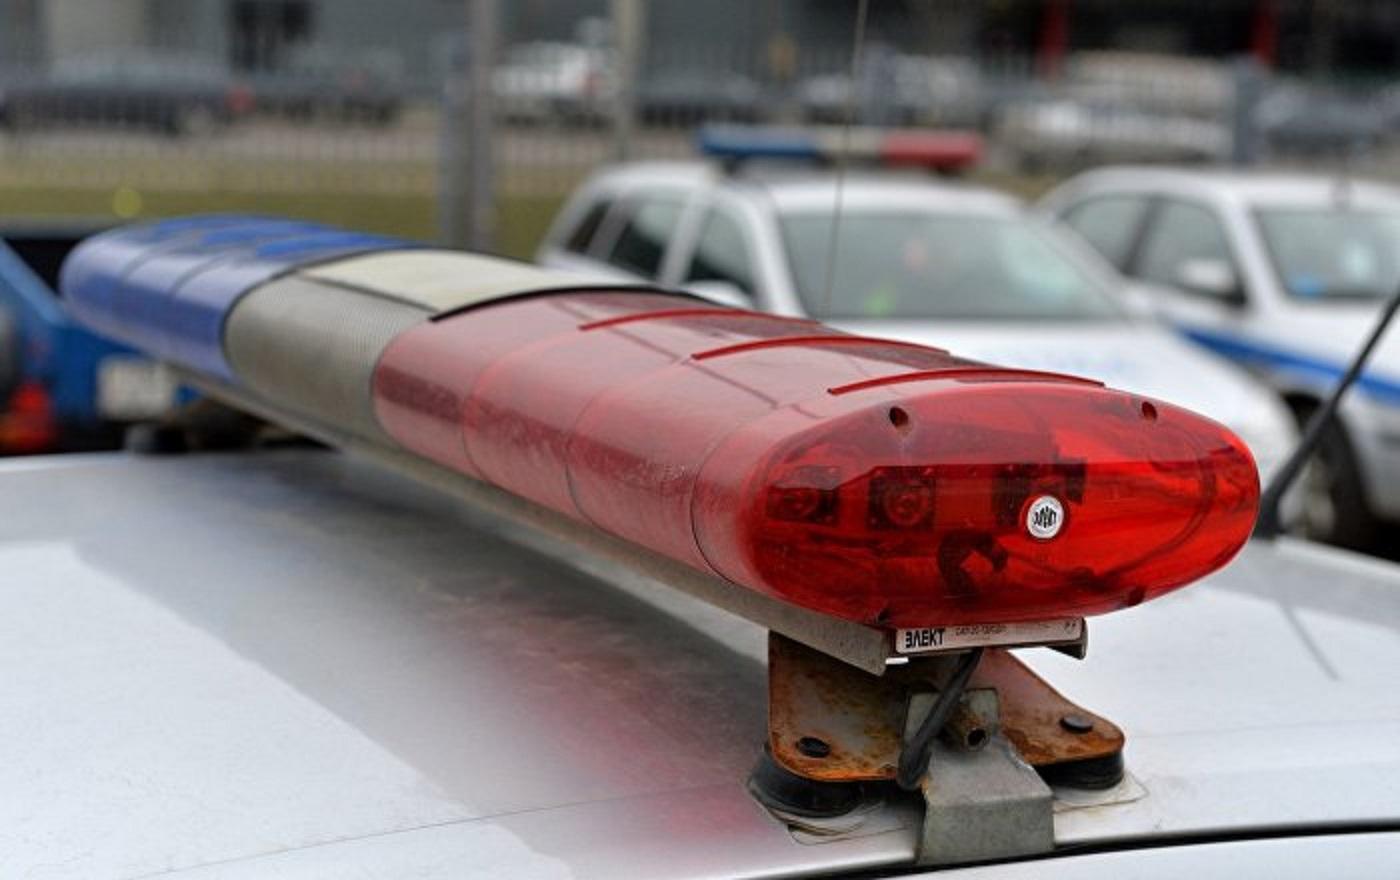 ВУльяновске наулице Пушкина столкнулись 5 авто, есть пострадавшие